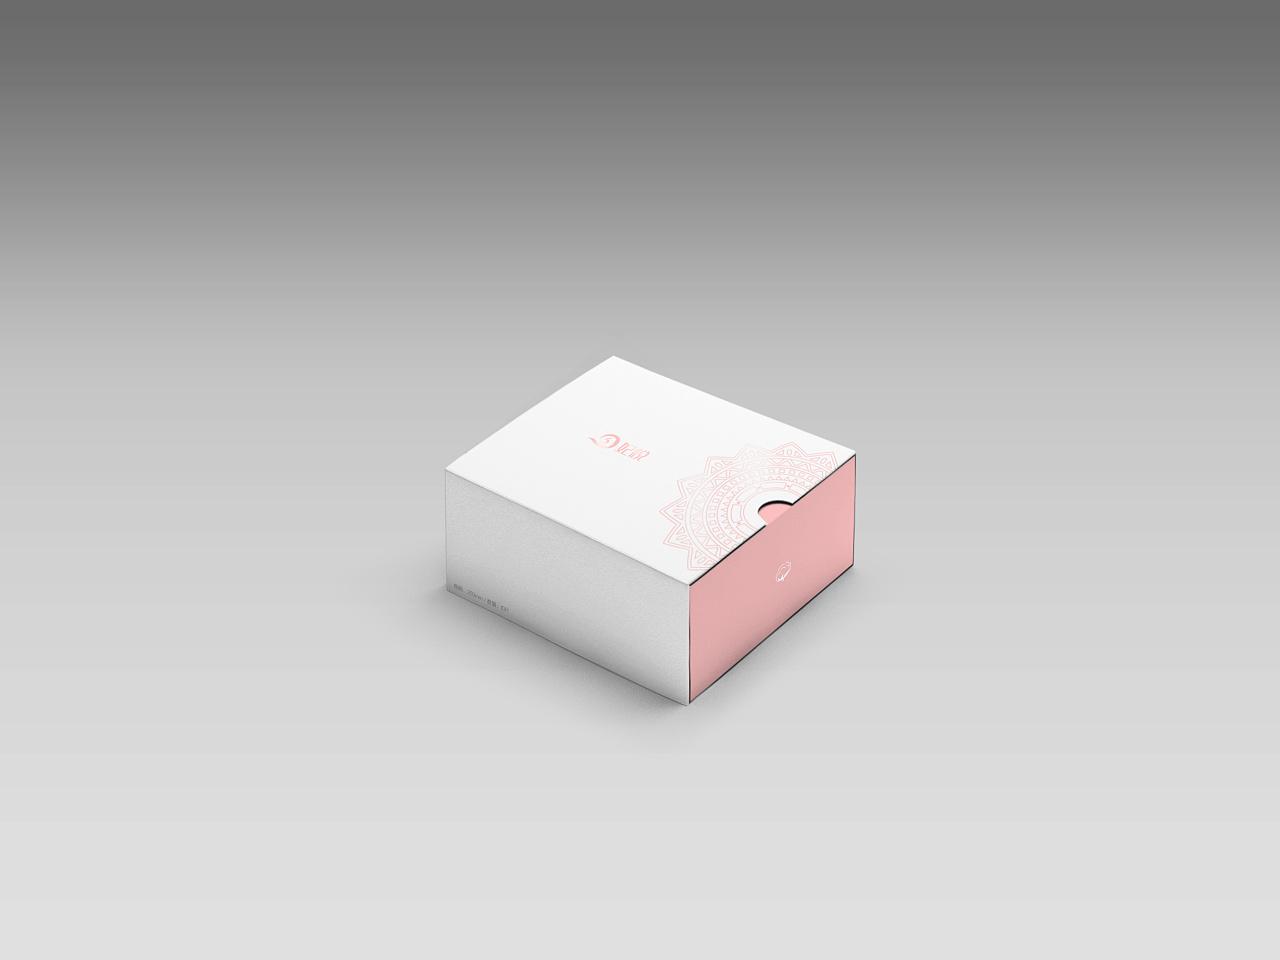 妃悦卫生巾包装设计建筑设计区域中班图片